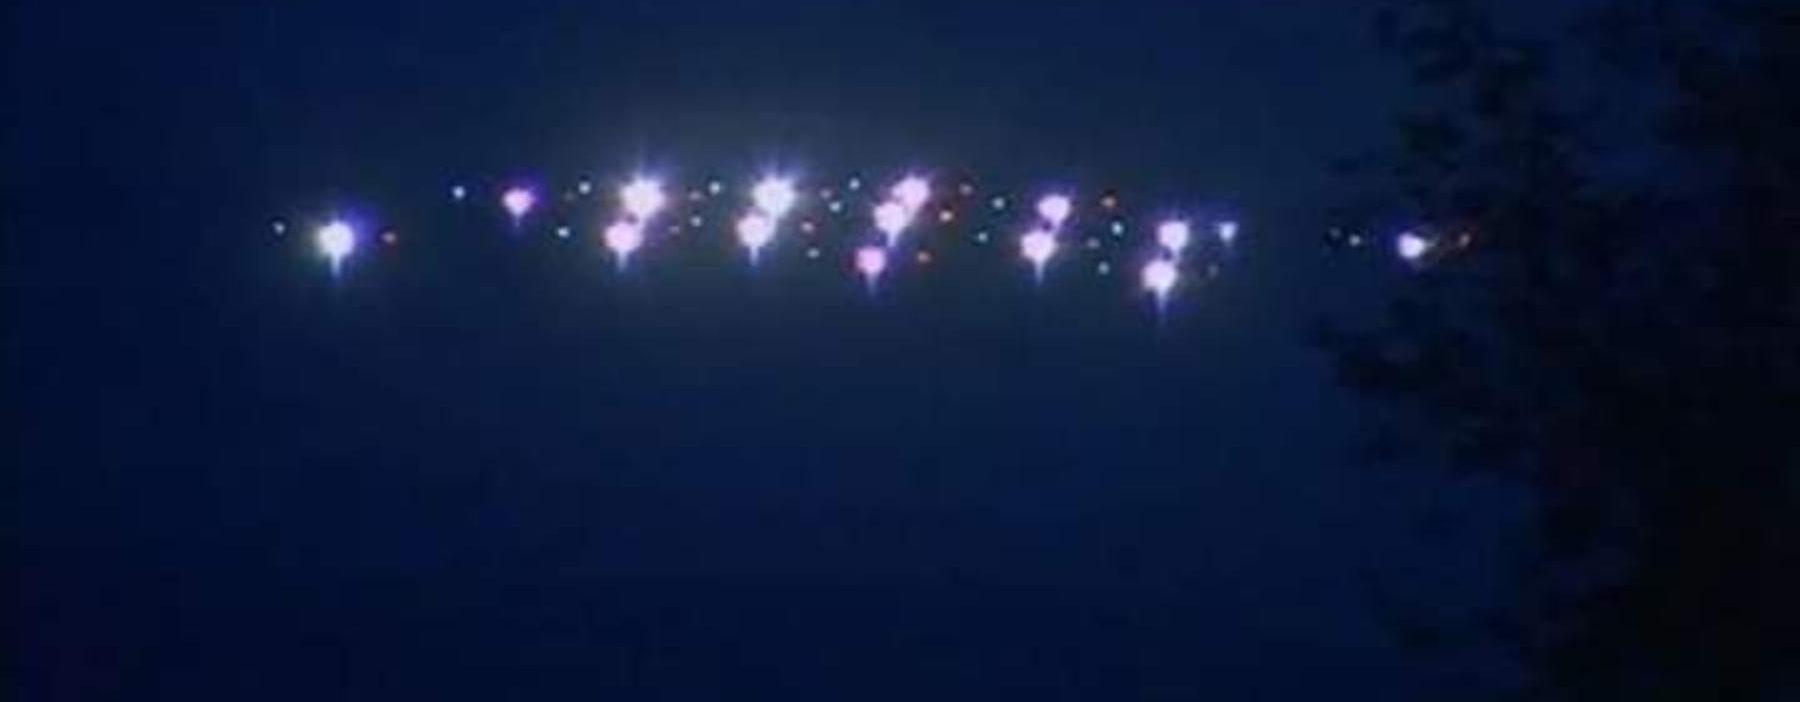 Ruidos y luces en el cielo: unos fenómenos que tienen explicación científica